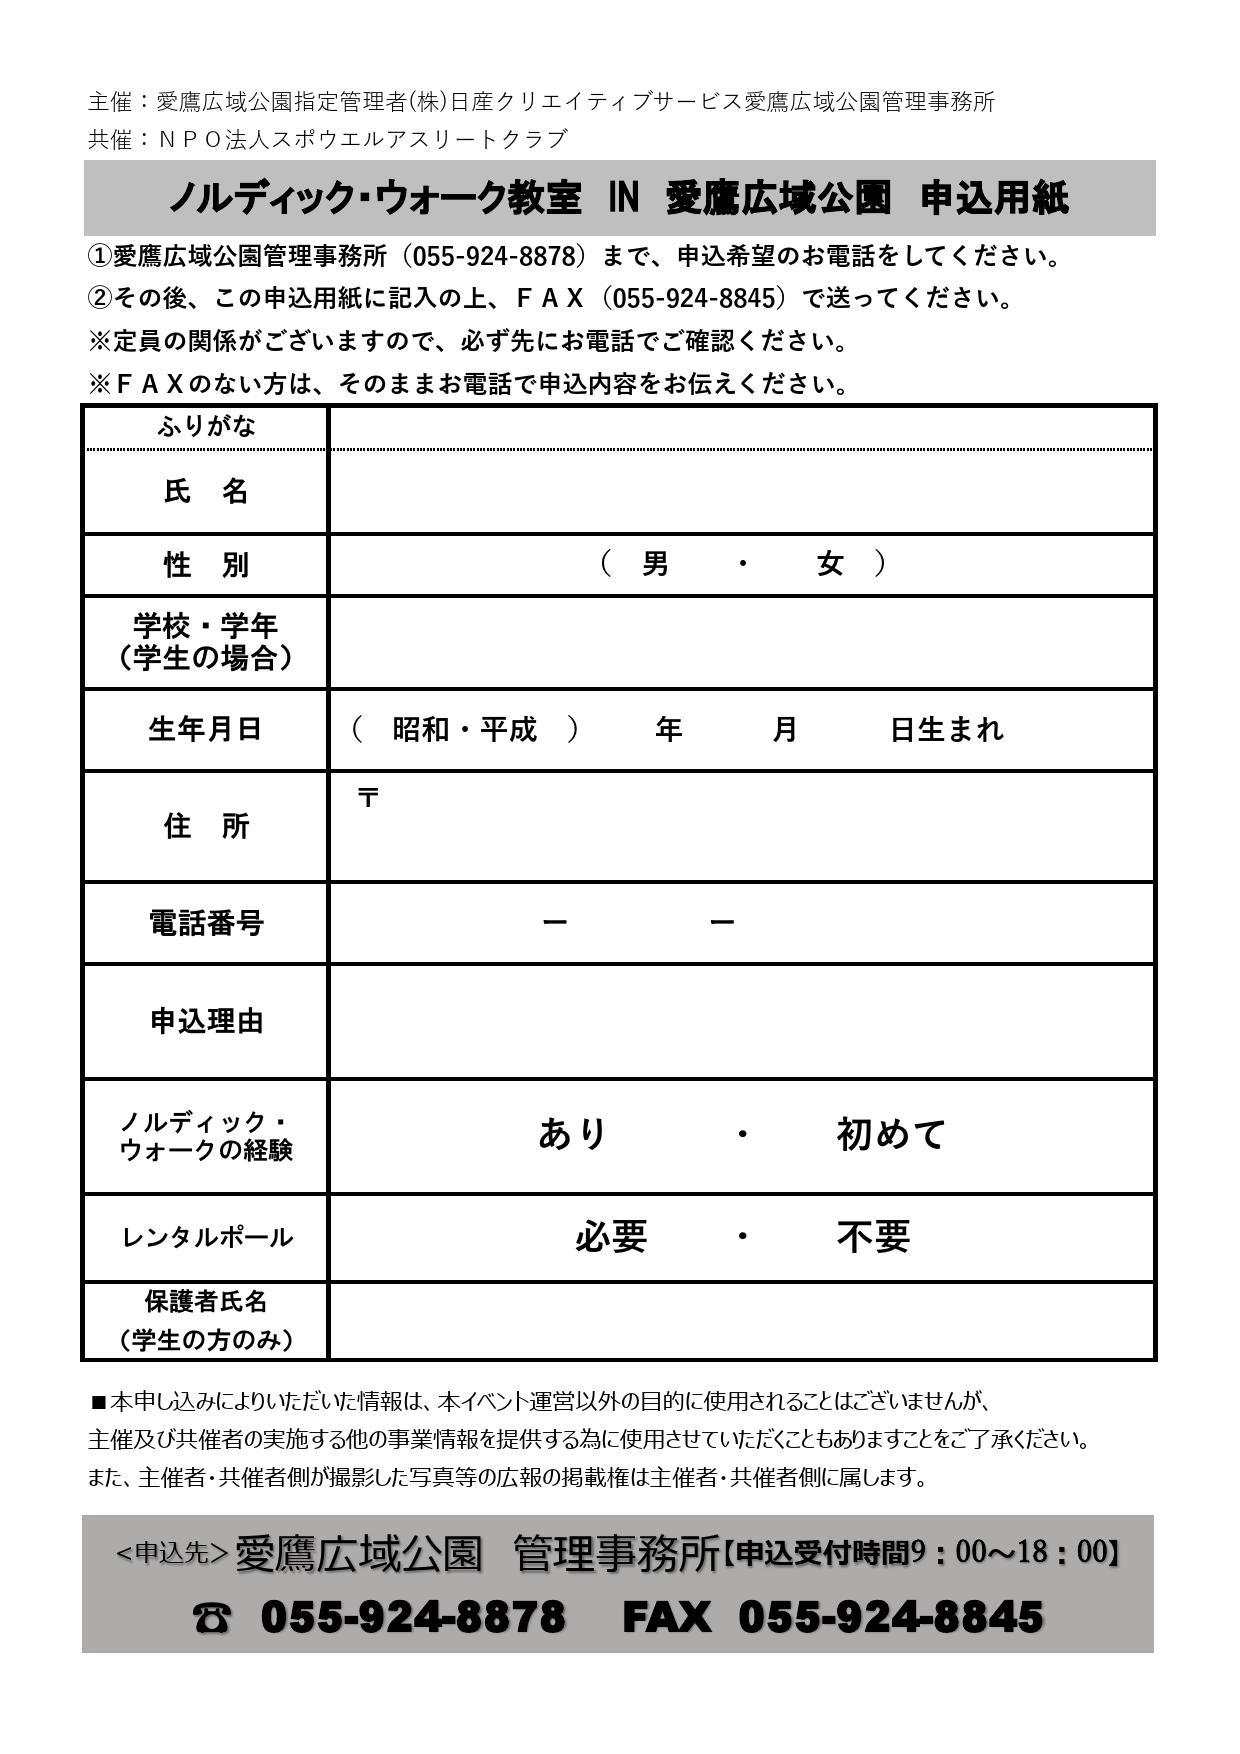 20170219ノルディック・ウォーク申込